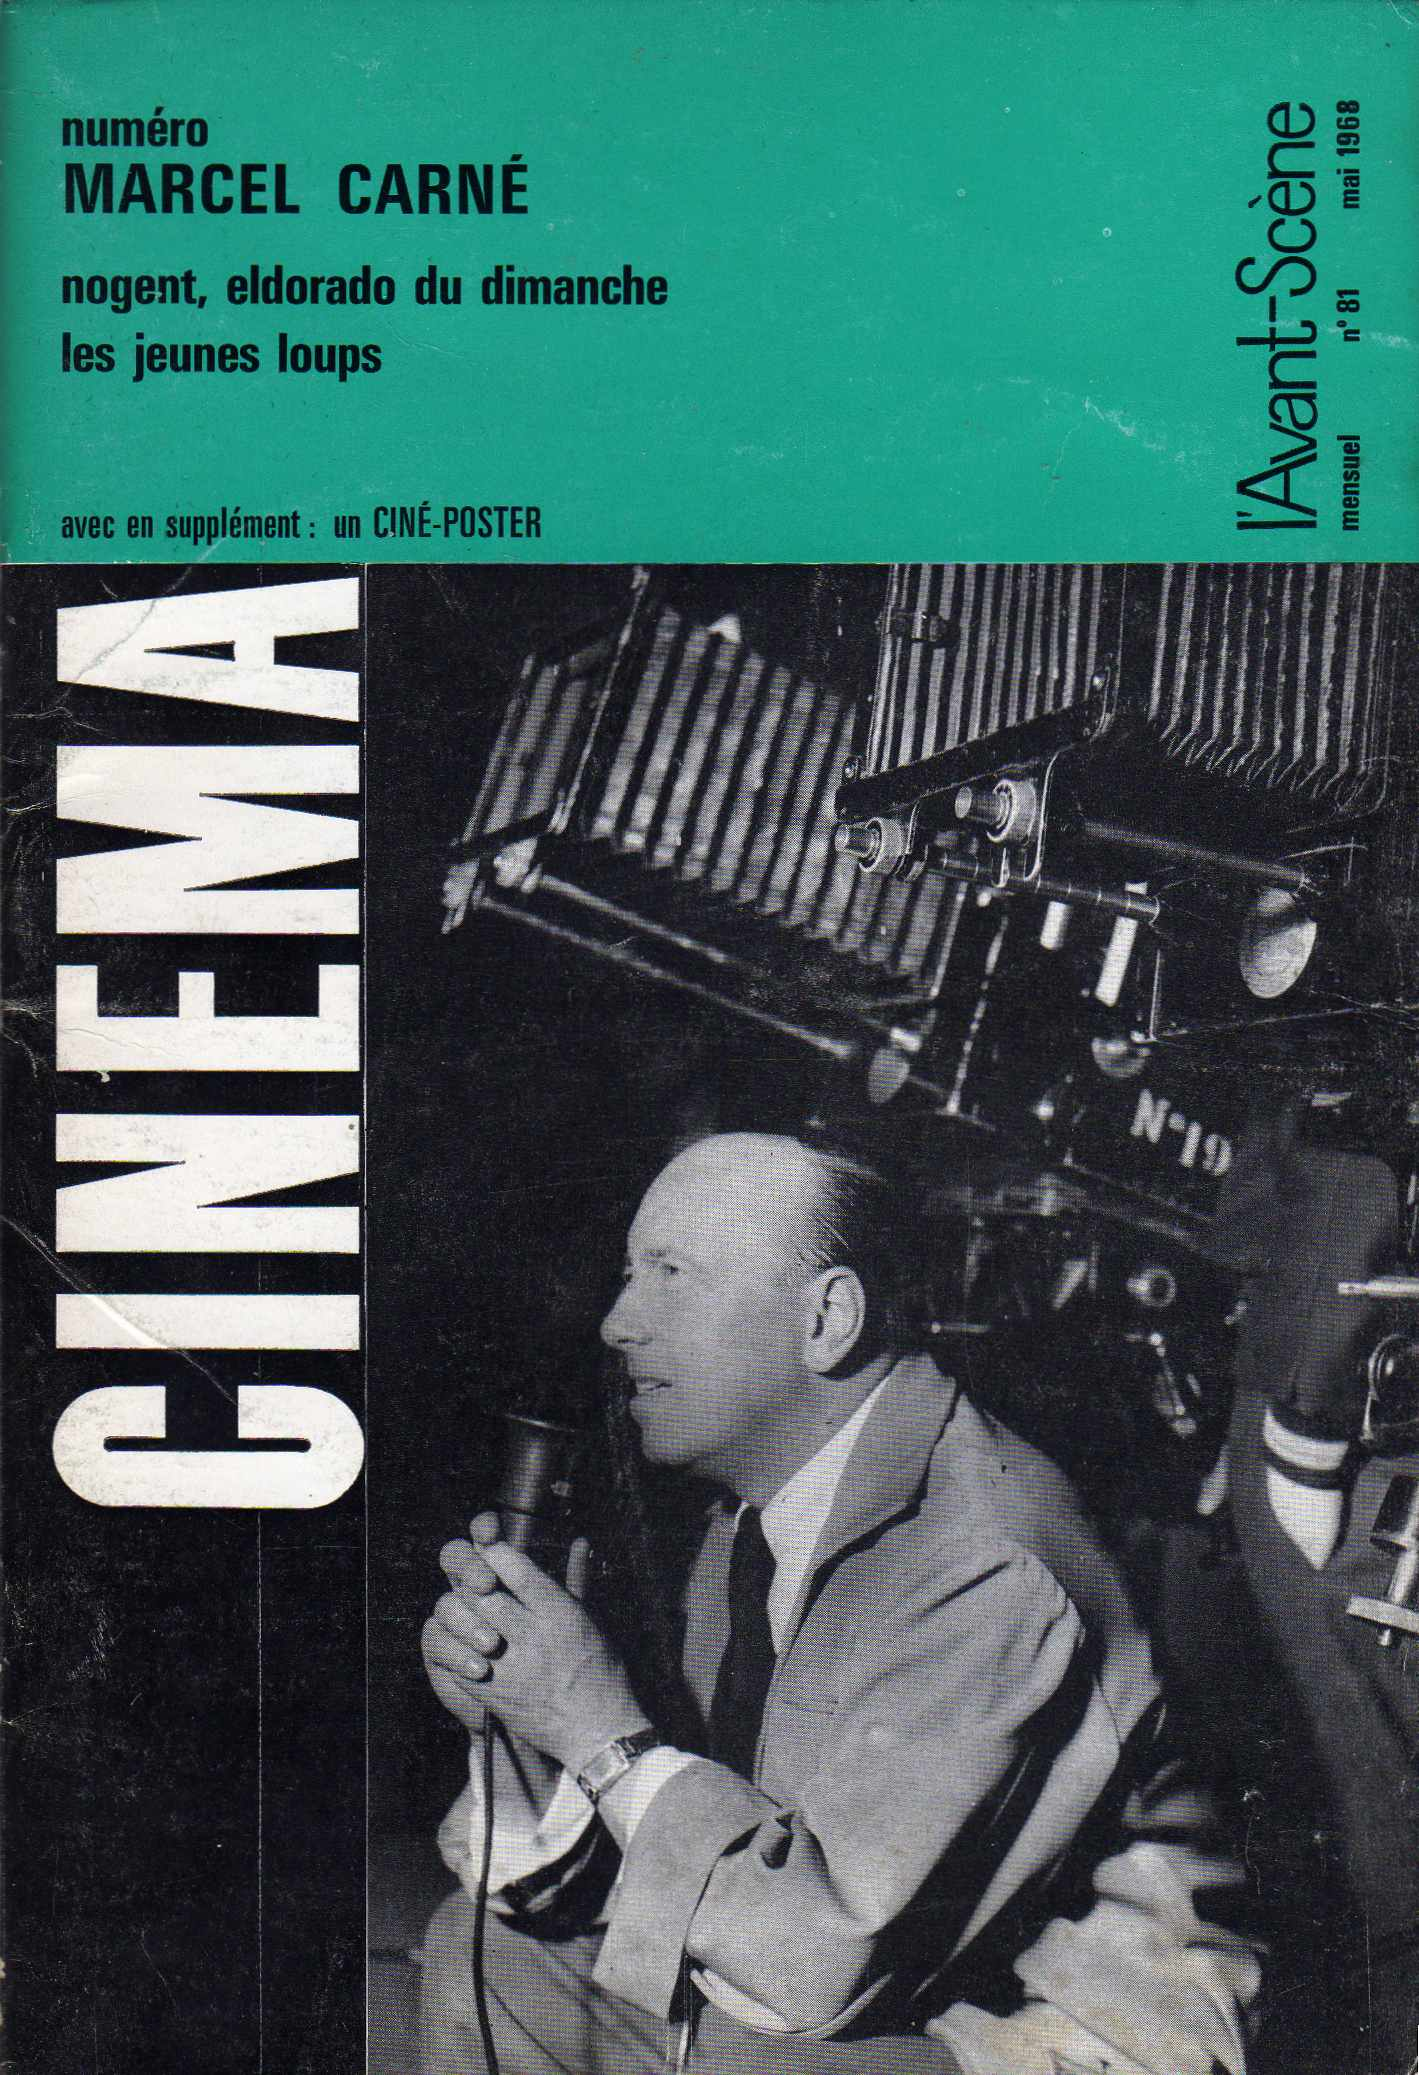 L'Avant-Scène du Cinèma n. 81